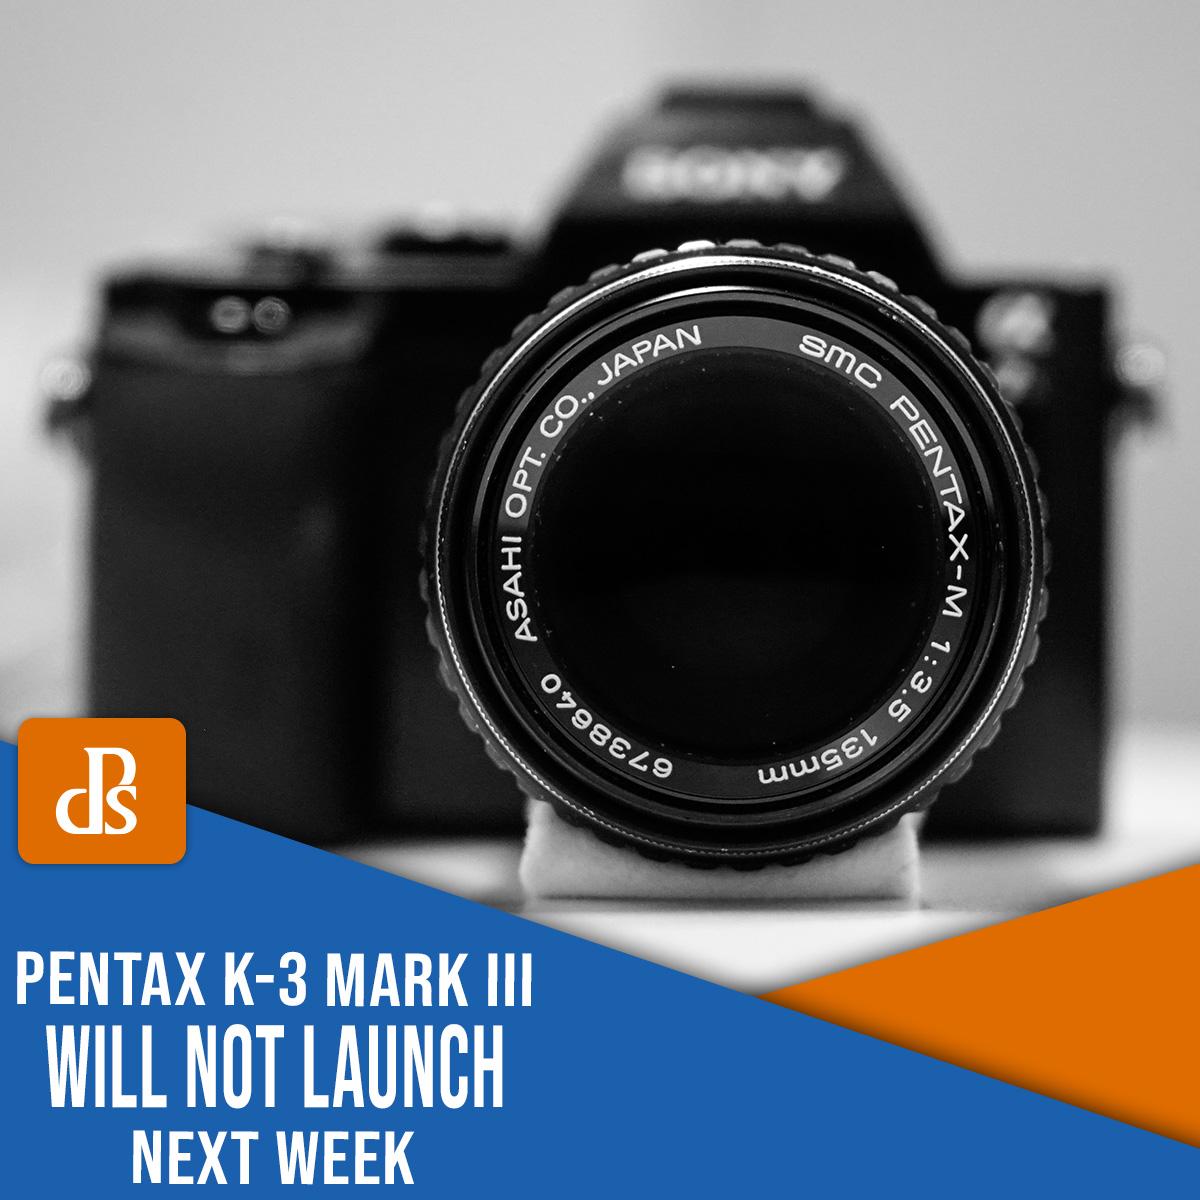 The Pentax K-3 Mark III delay